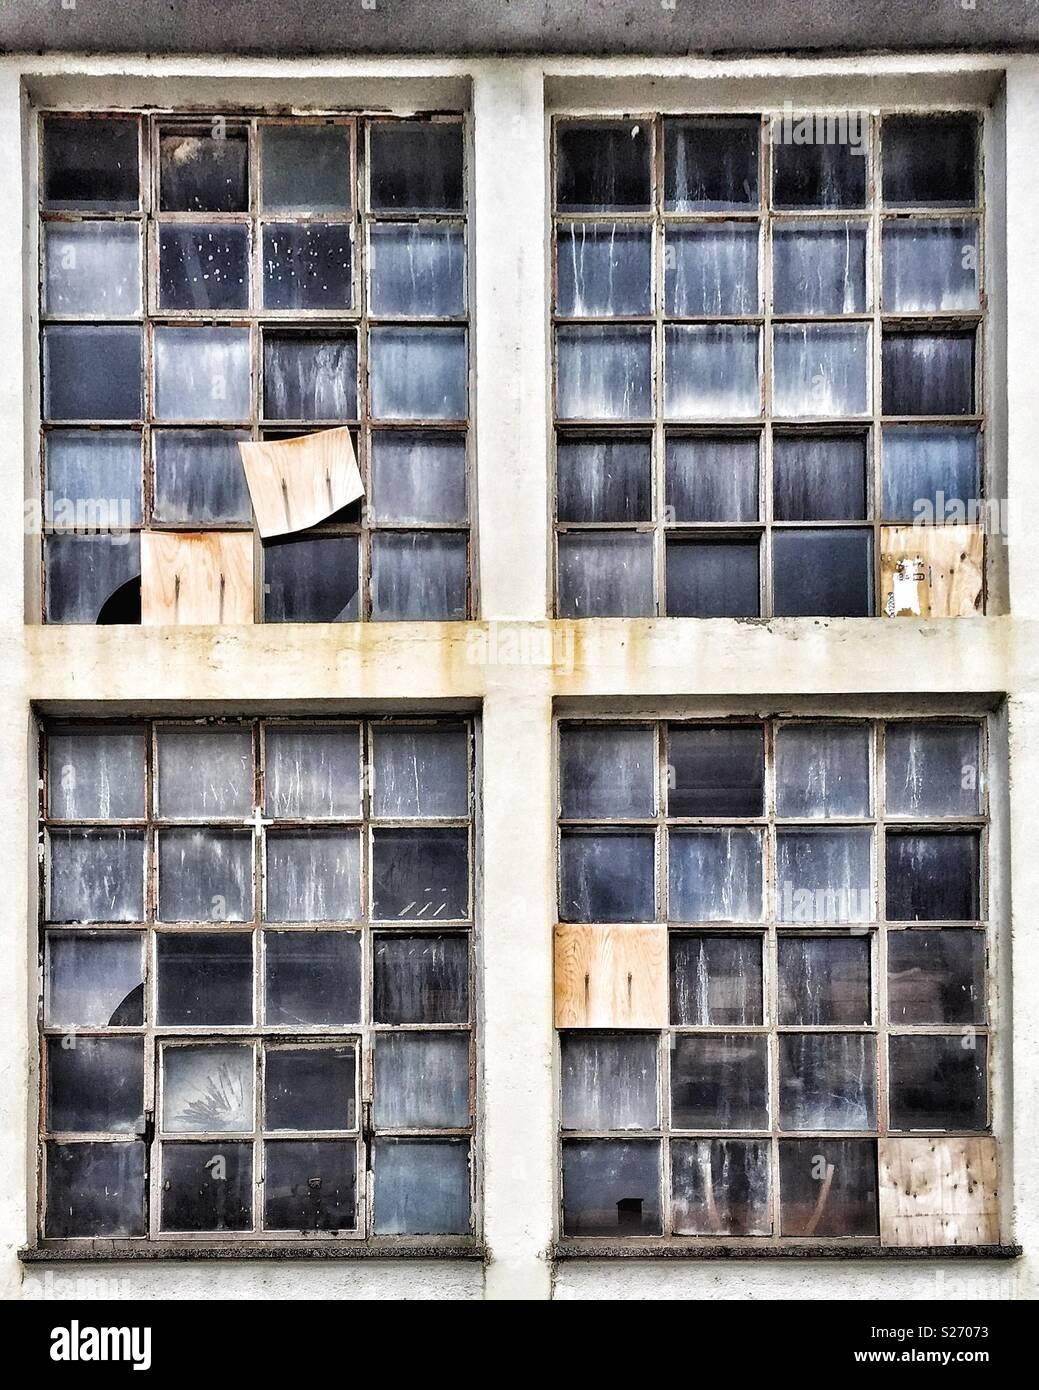 Finestre rotte in corrispondenza di un edificio abbandonato Immagini Stock